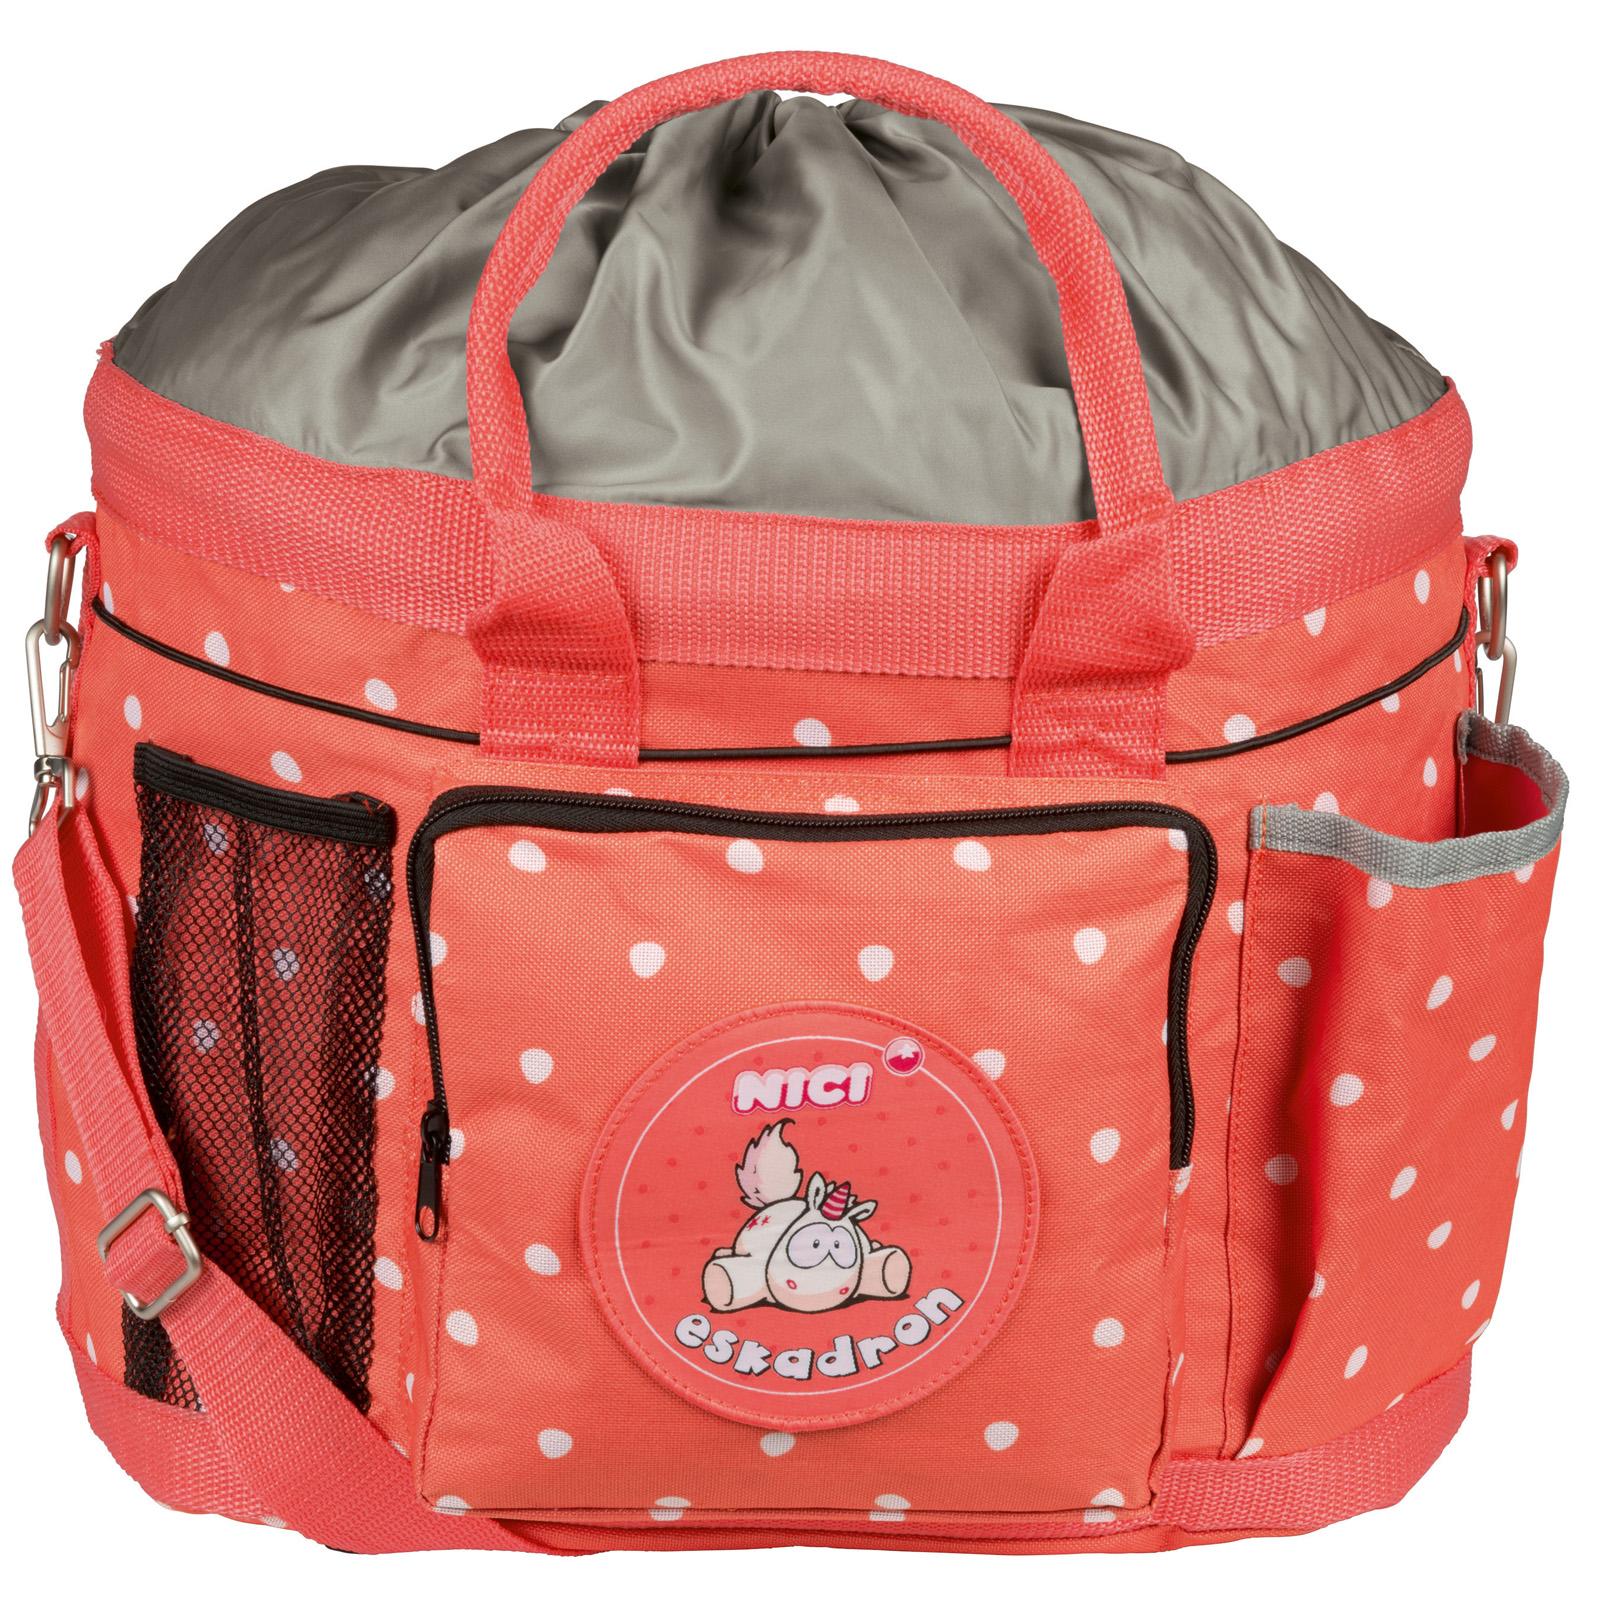 Eskadron Nici Zubehör Tasche in bubblepink, cloudgrey, blueberry oder peachy